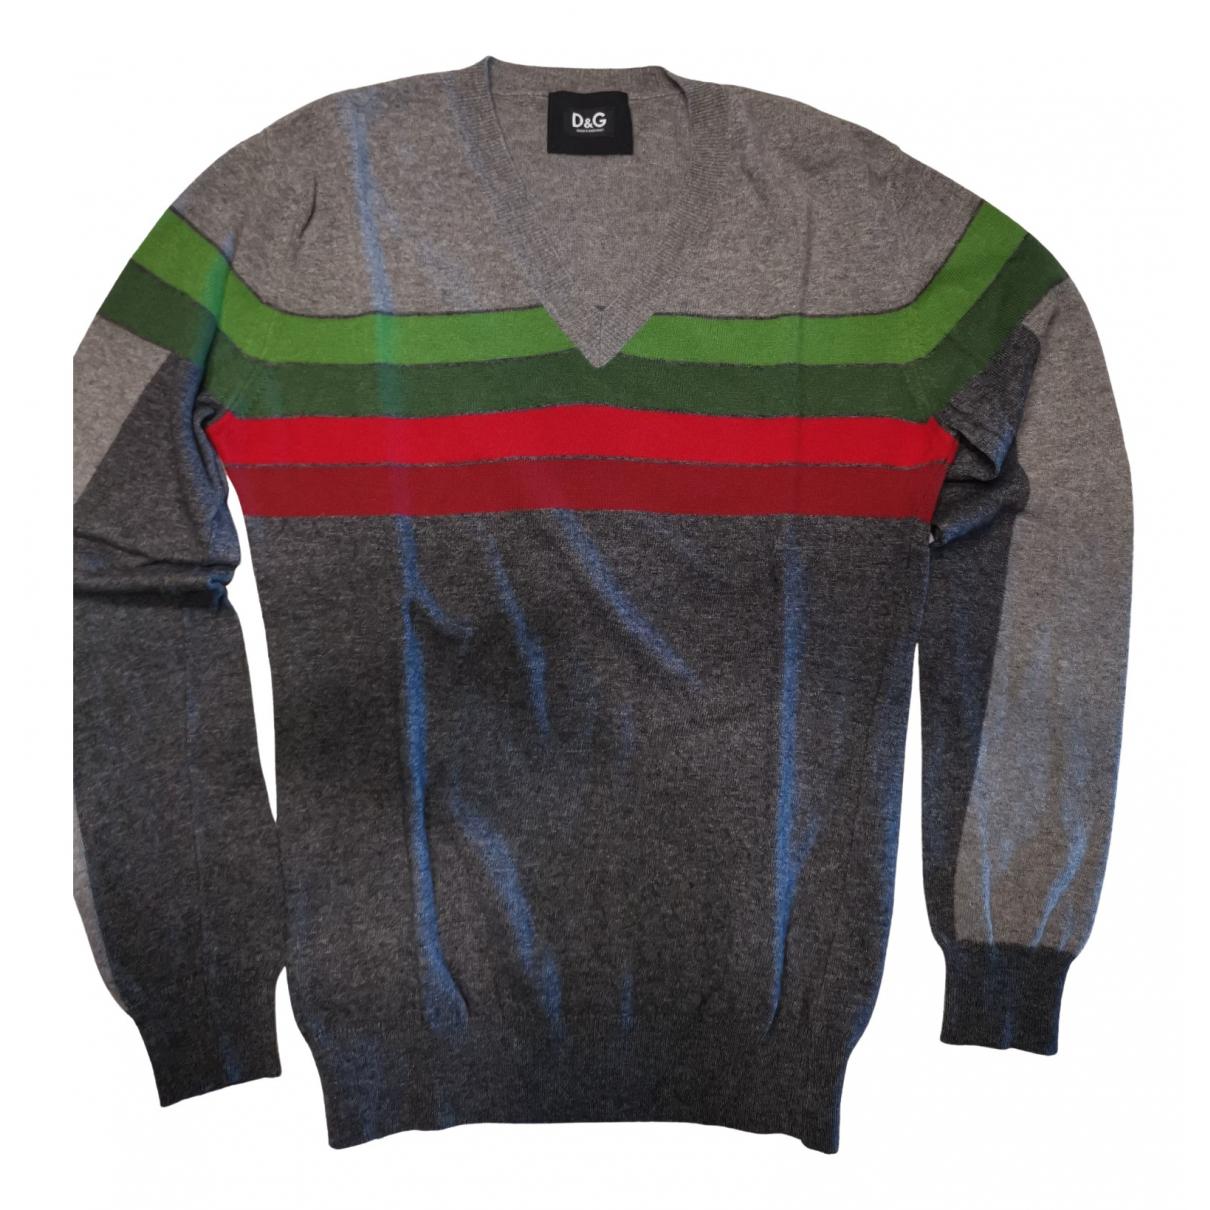 D&g - Pulls.Gilets.Sweats   pour homme en laine